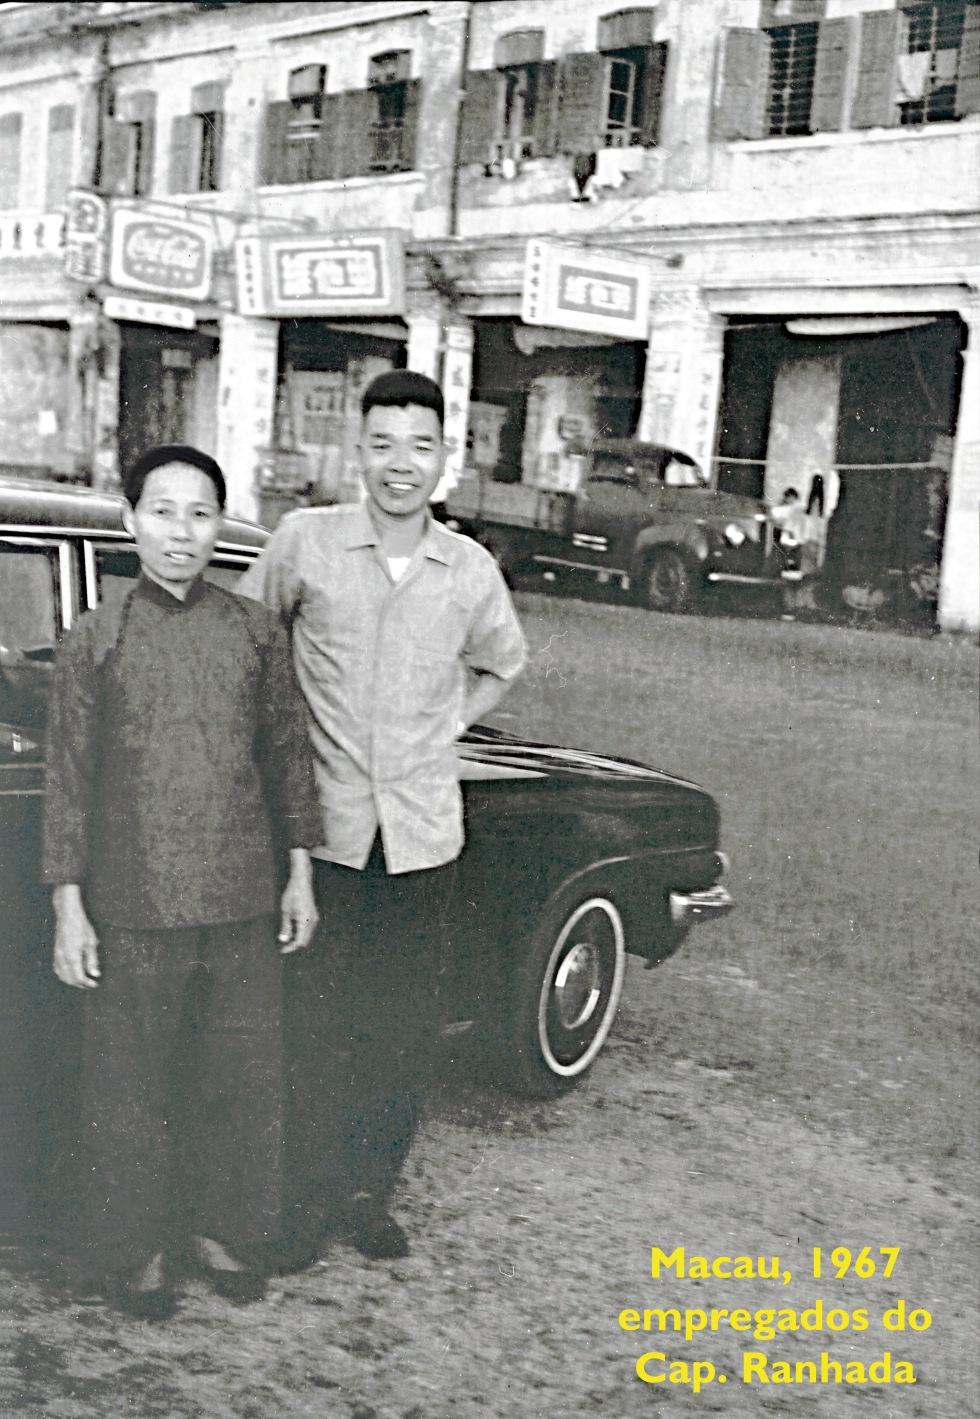 67-68 Macau-empregados dos Ranhada